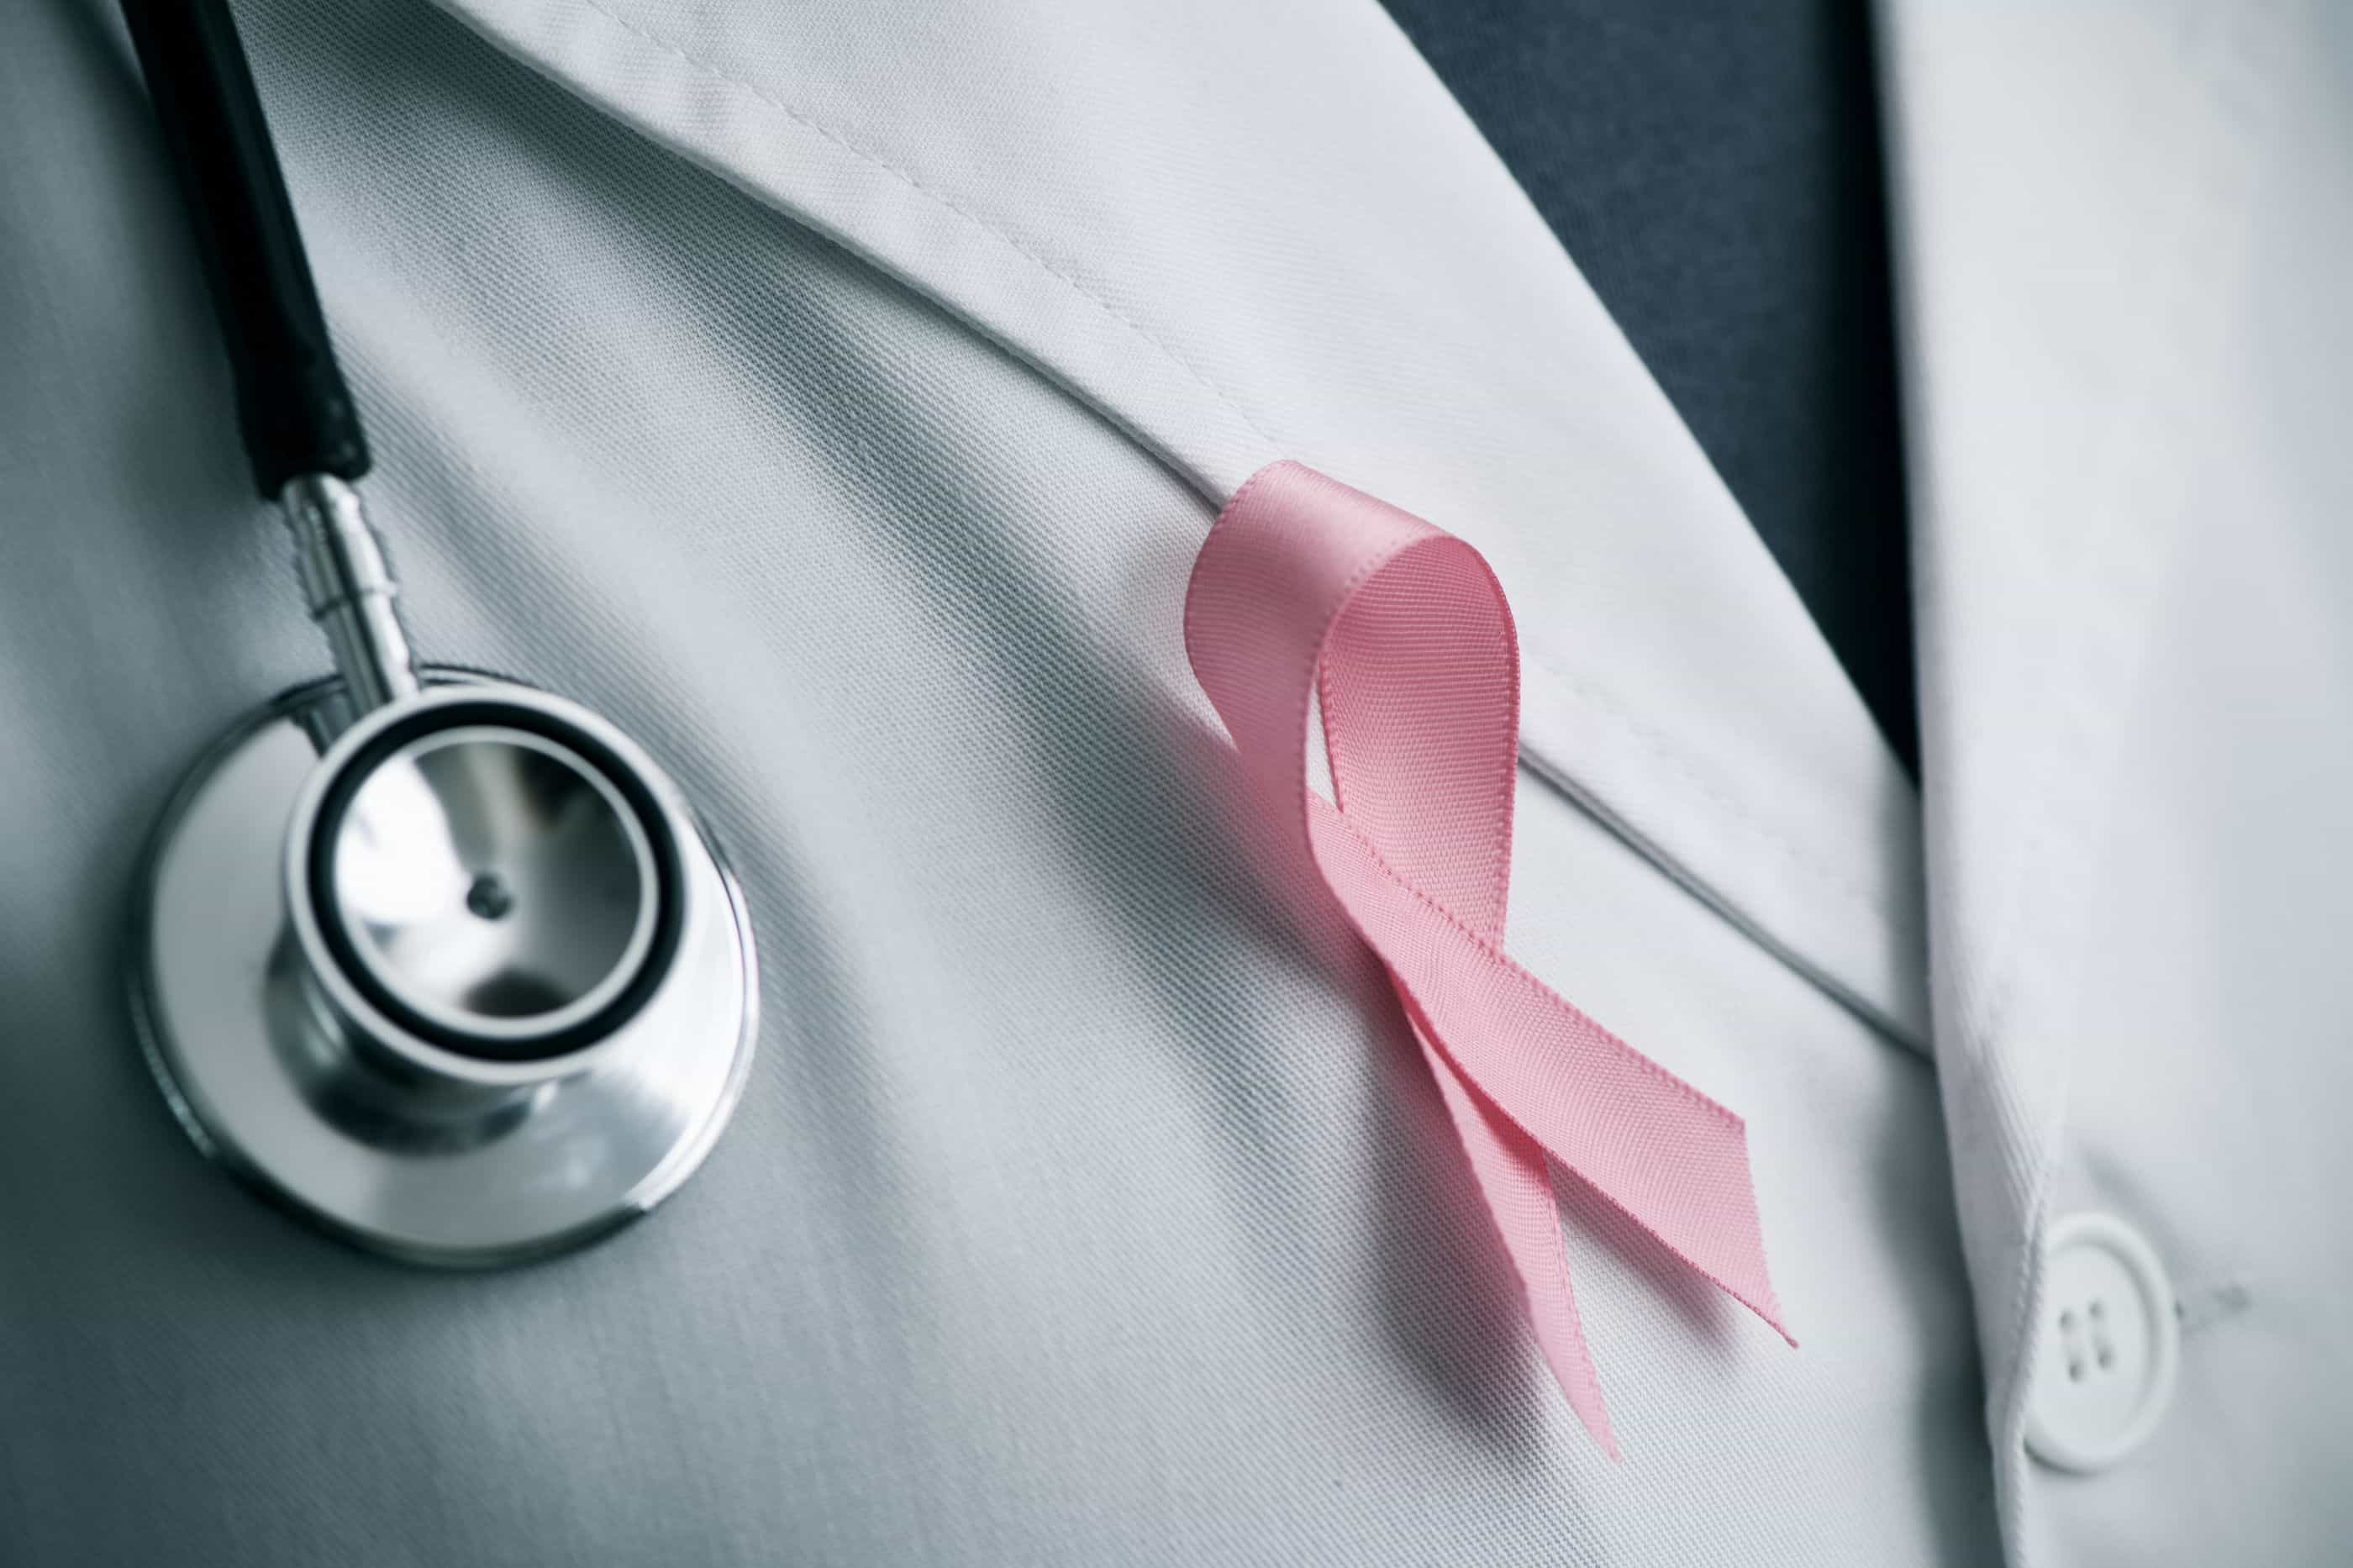 Menor risco de cancro da mama associa-se a inesperada caraterística